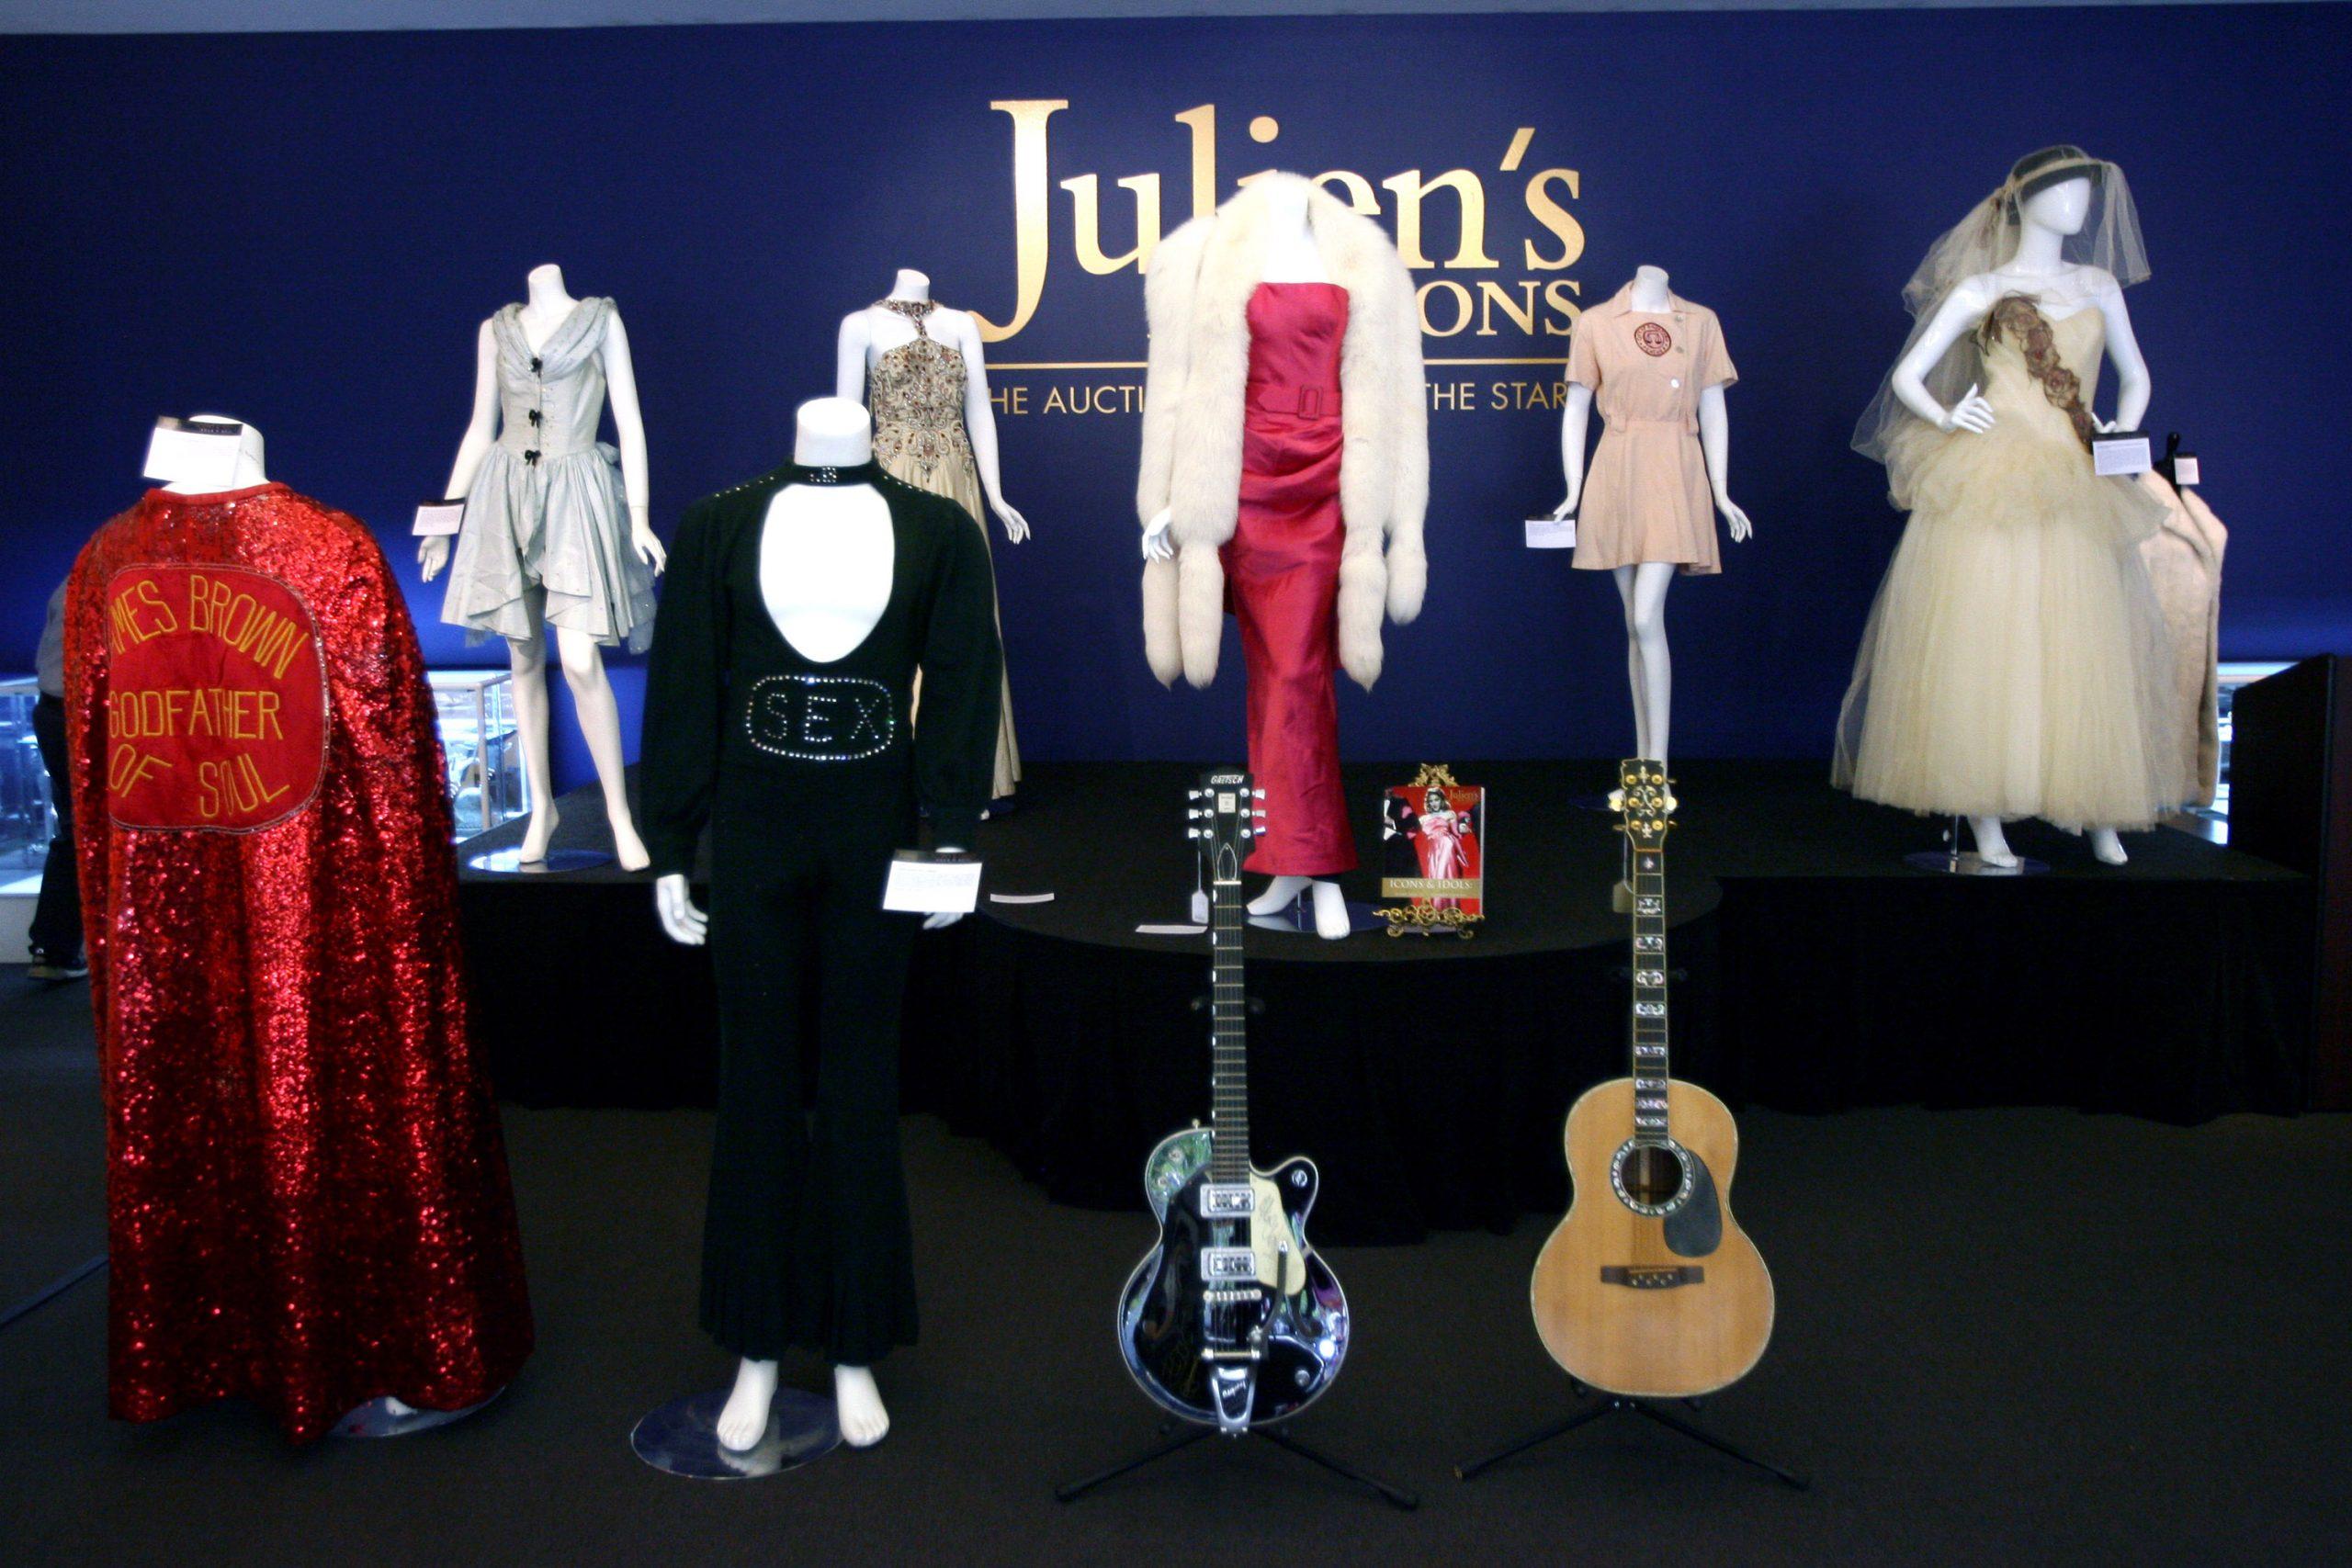 Menőbb John Lennon gitárja, mint egy Picasso festmény? – Az aukciók szerint igen